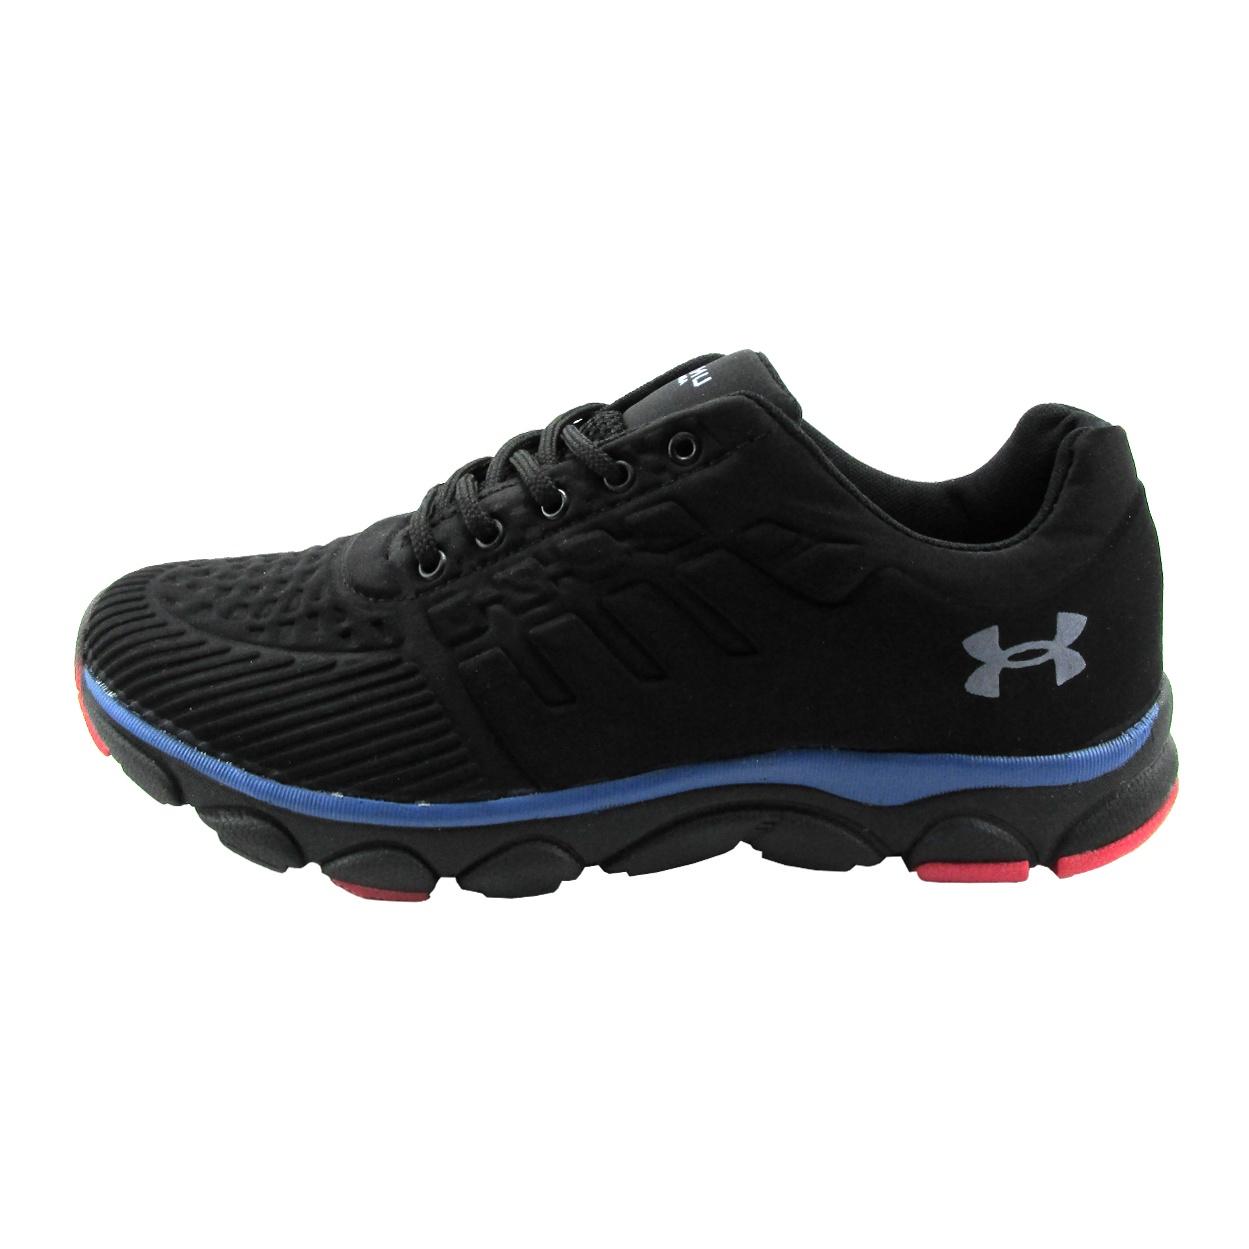 کفش مخصوص پیاده روی زنانه مدل B28 رنگ مشکی